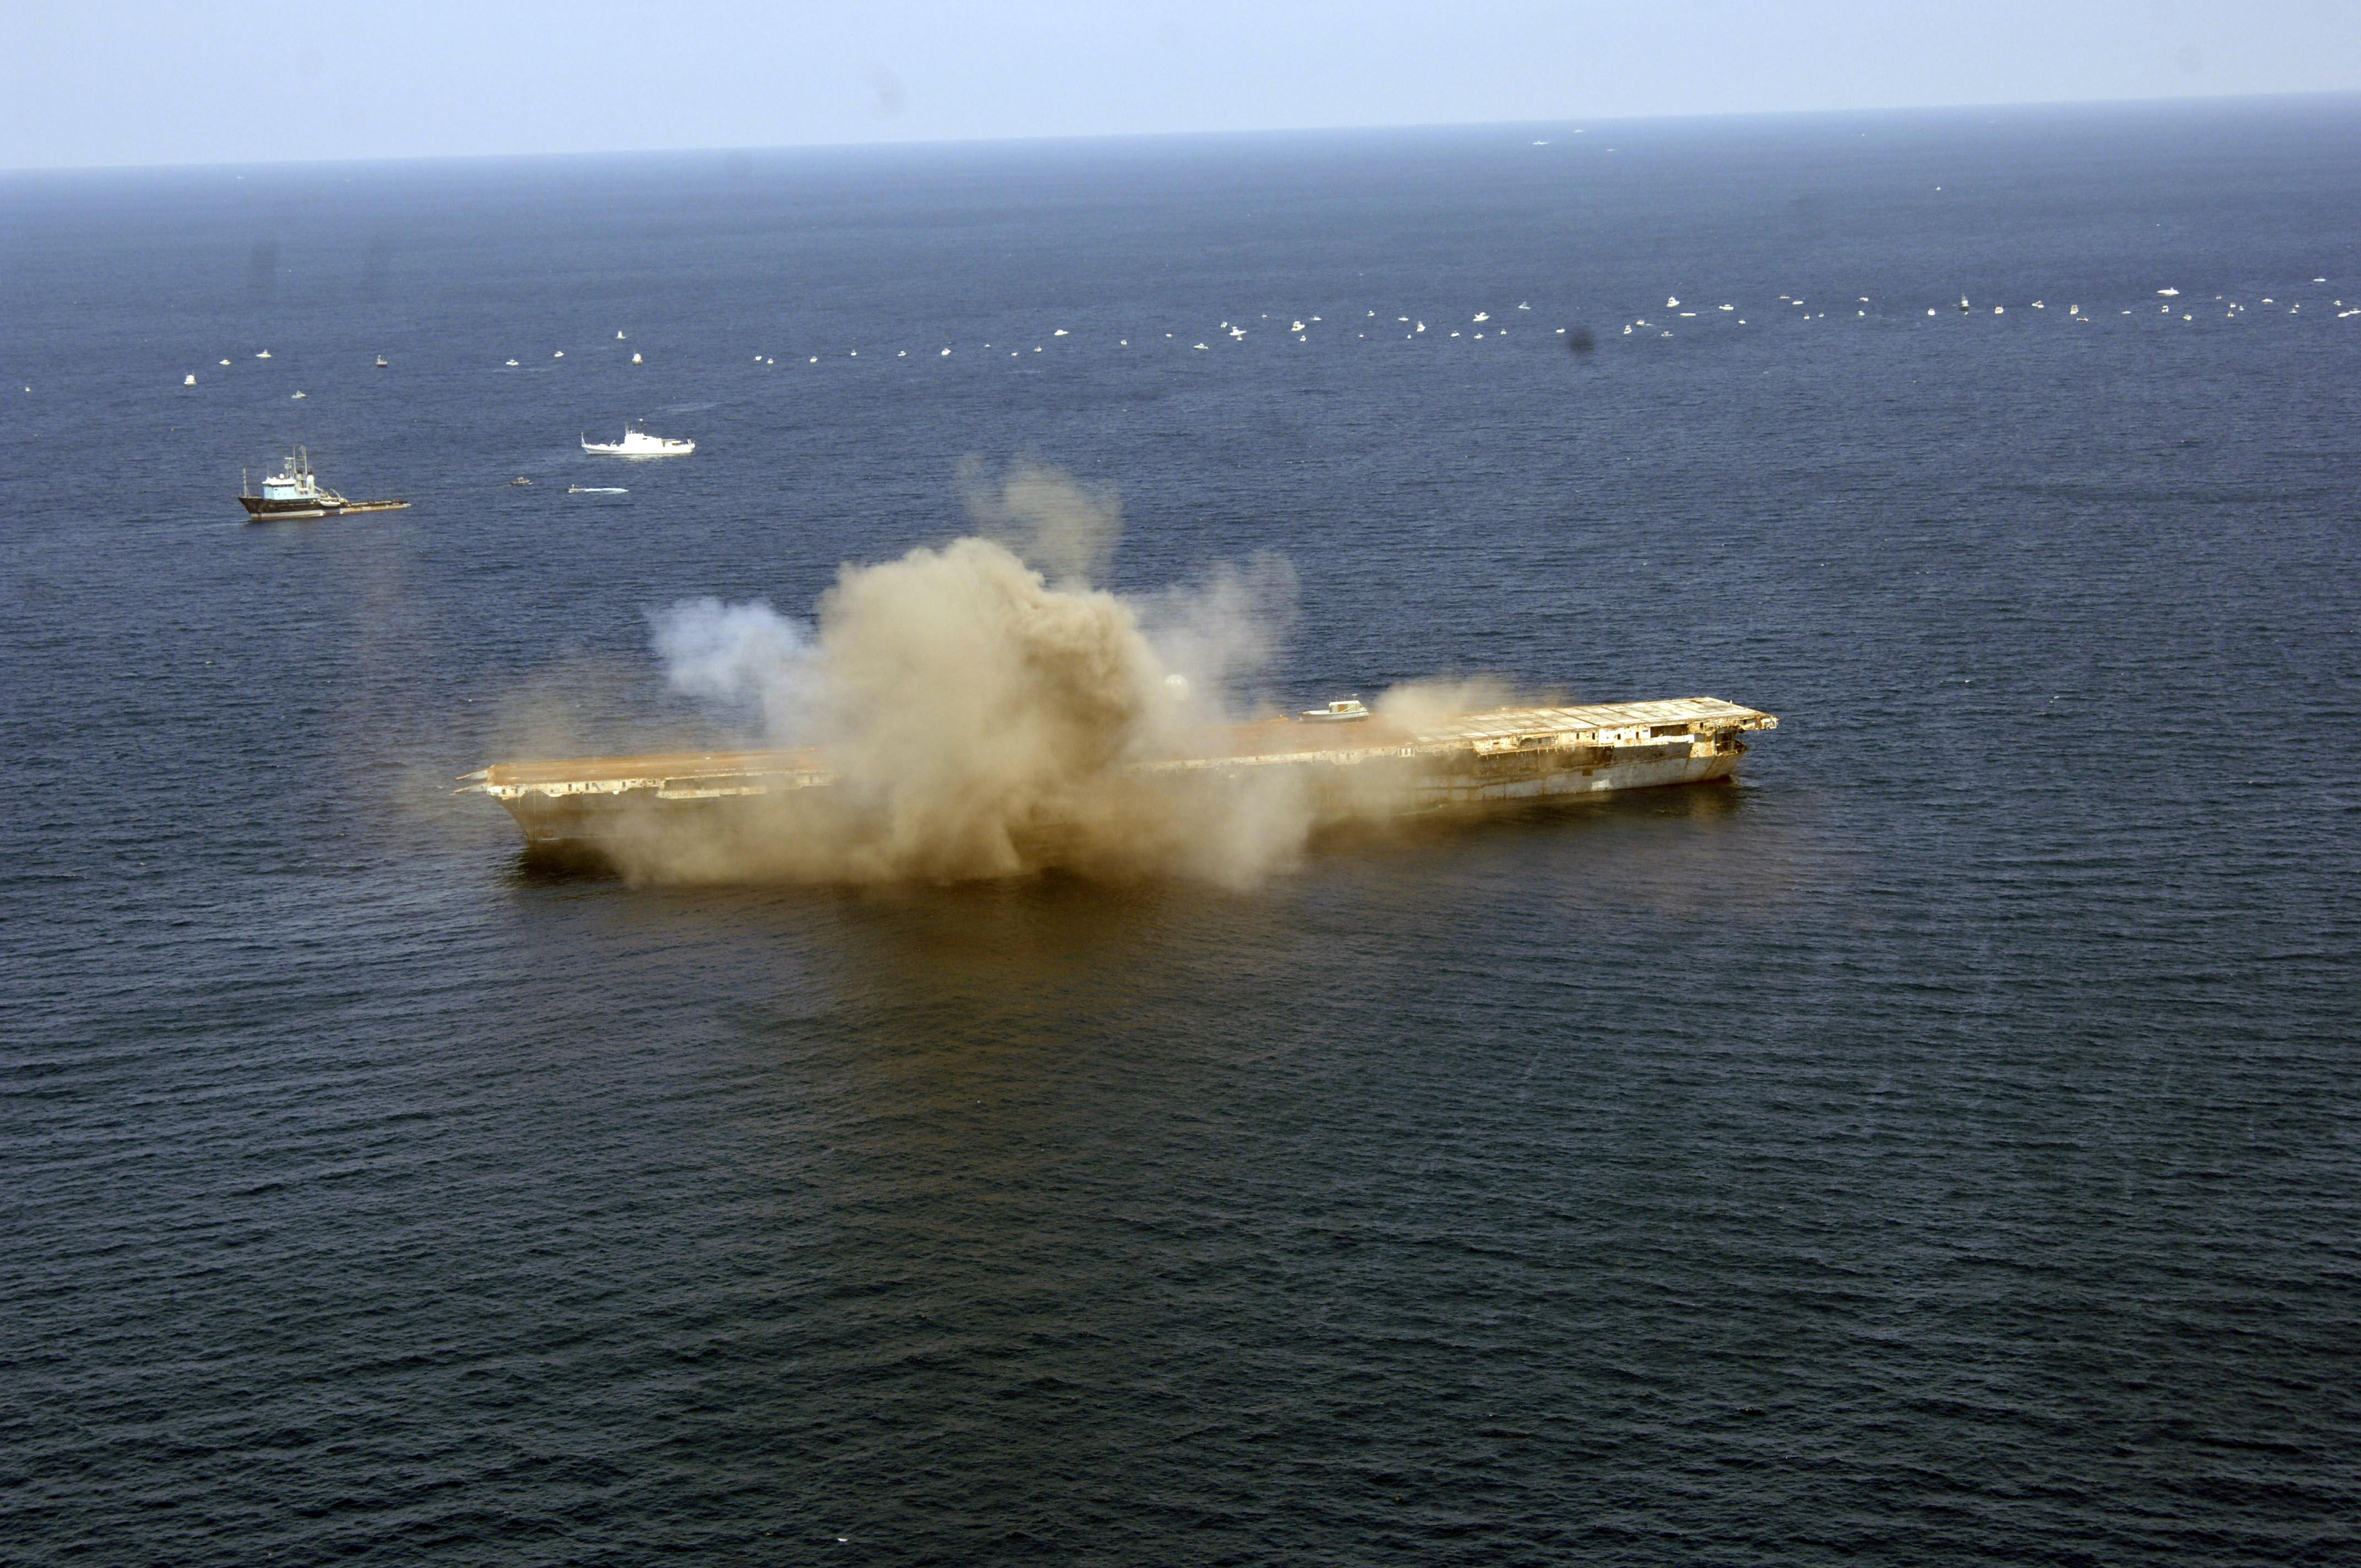 рецепт блинчиков тонет американский корабль фото шоколадного